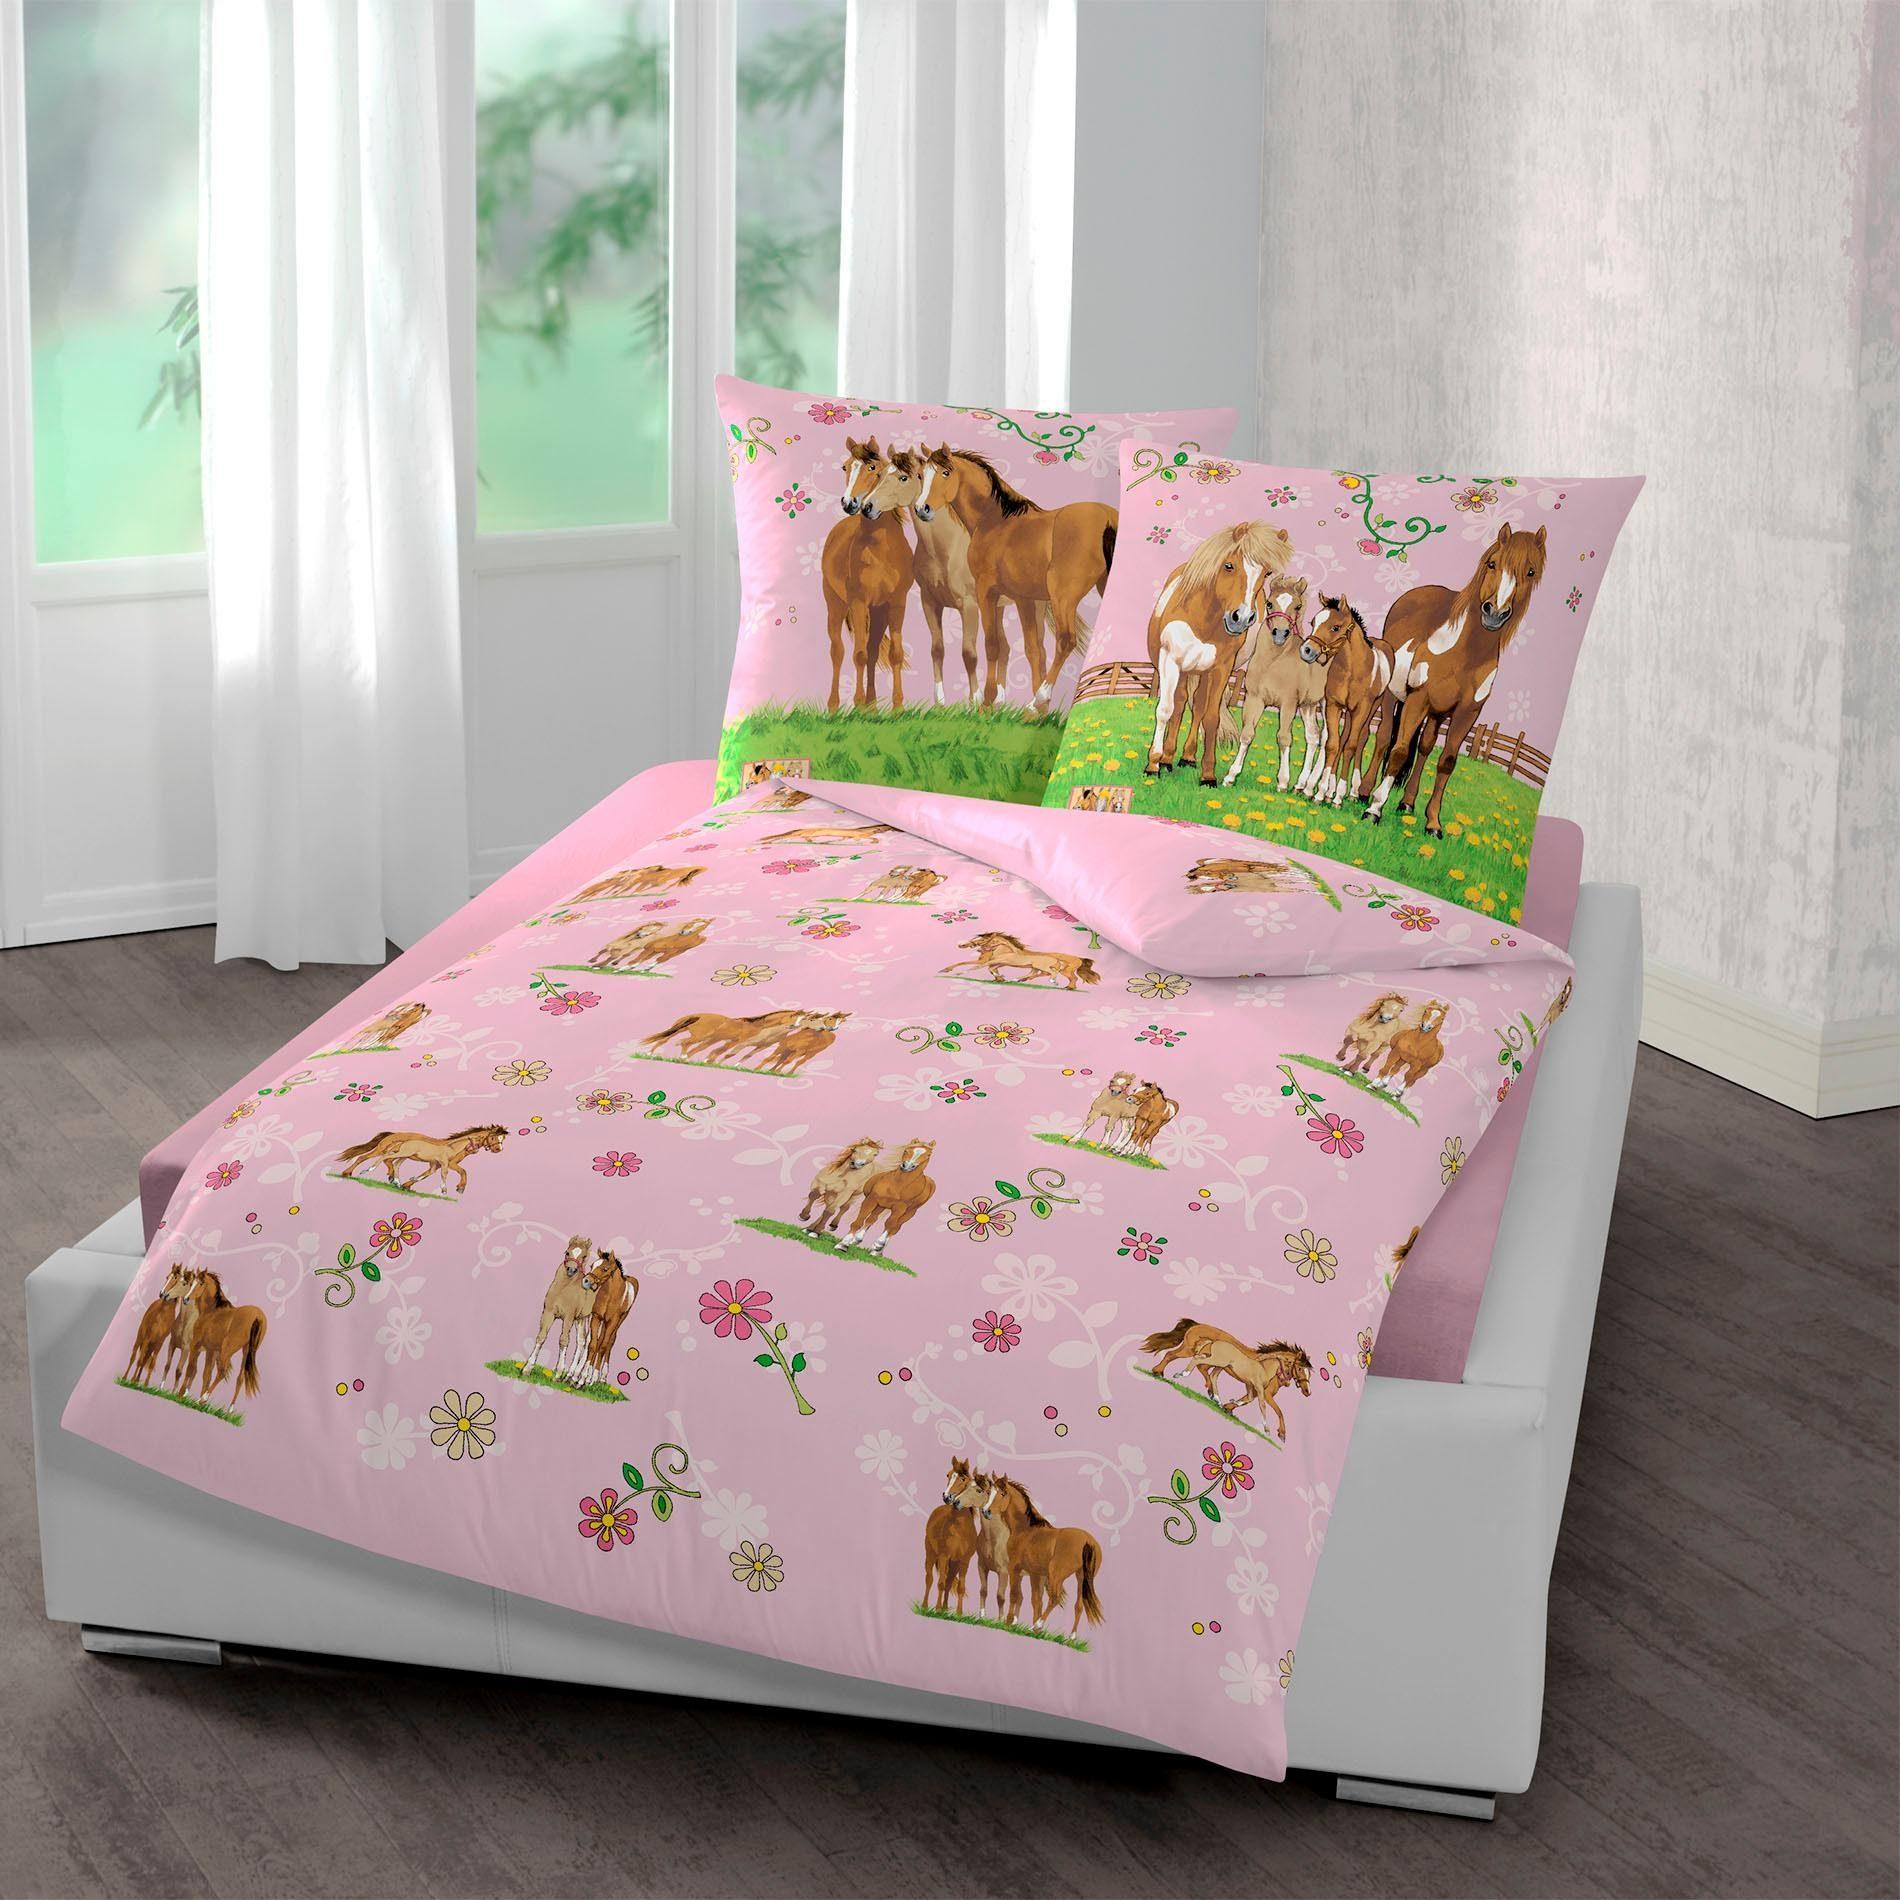 Bettwaesche Mit Pferdemotiven